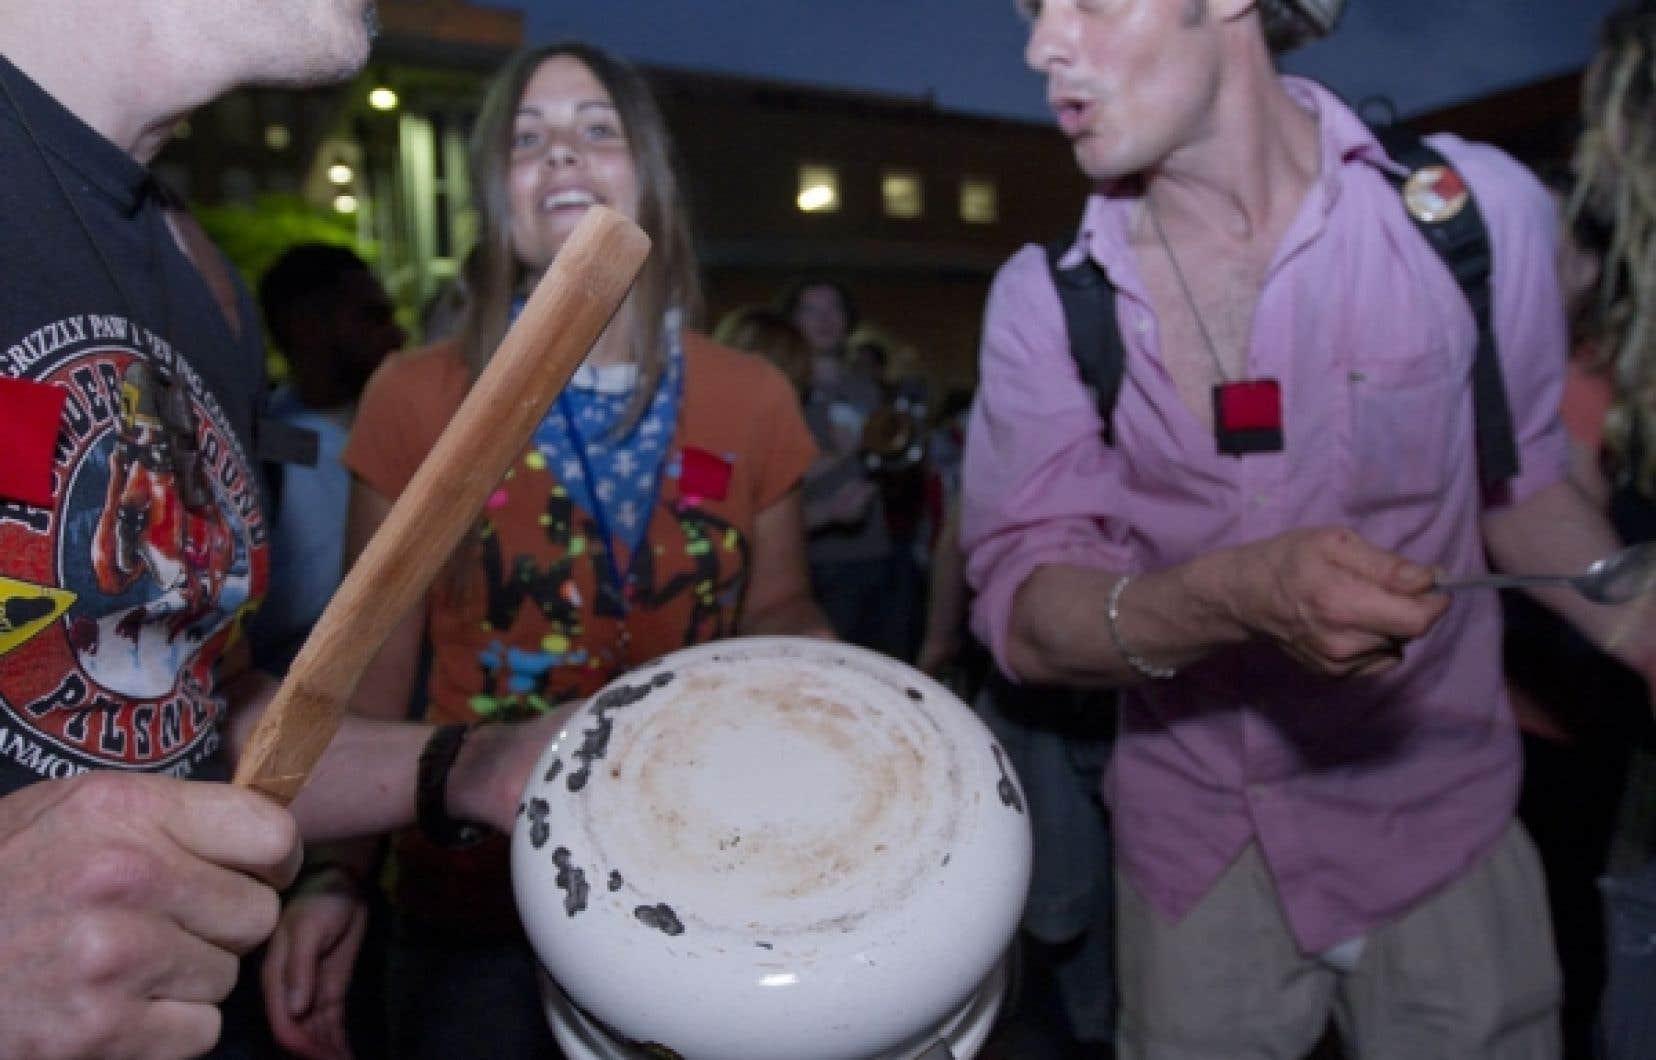 Des milliers de Montréalais ont à nouveau fait résonner leurs casseroles hier dans les rues de la métropole et au parc Émilie-Gamelin, lieu de rencontre par excellence des manifestants depuis le début du soulèvement étudiant.